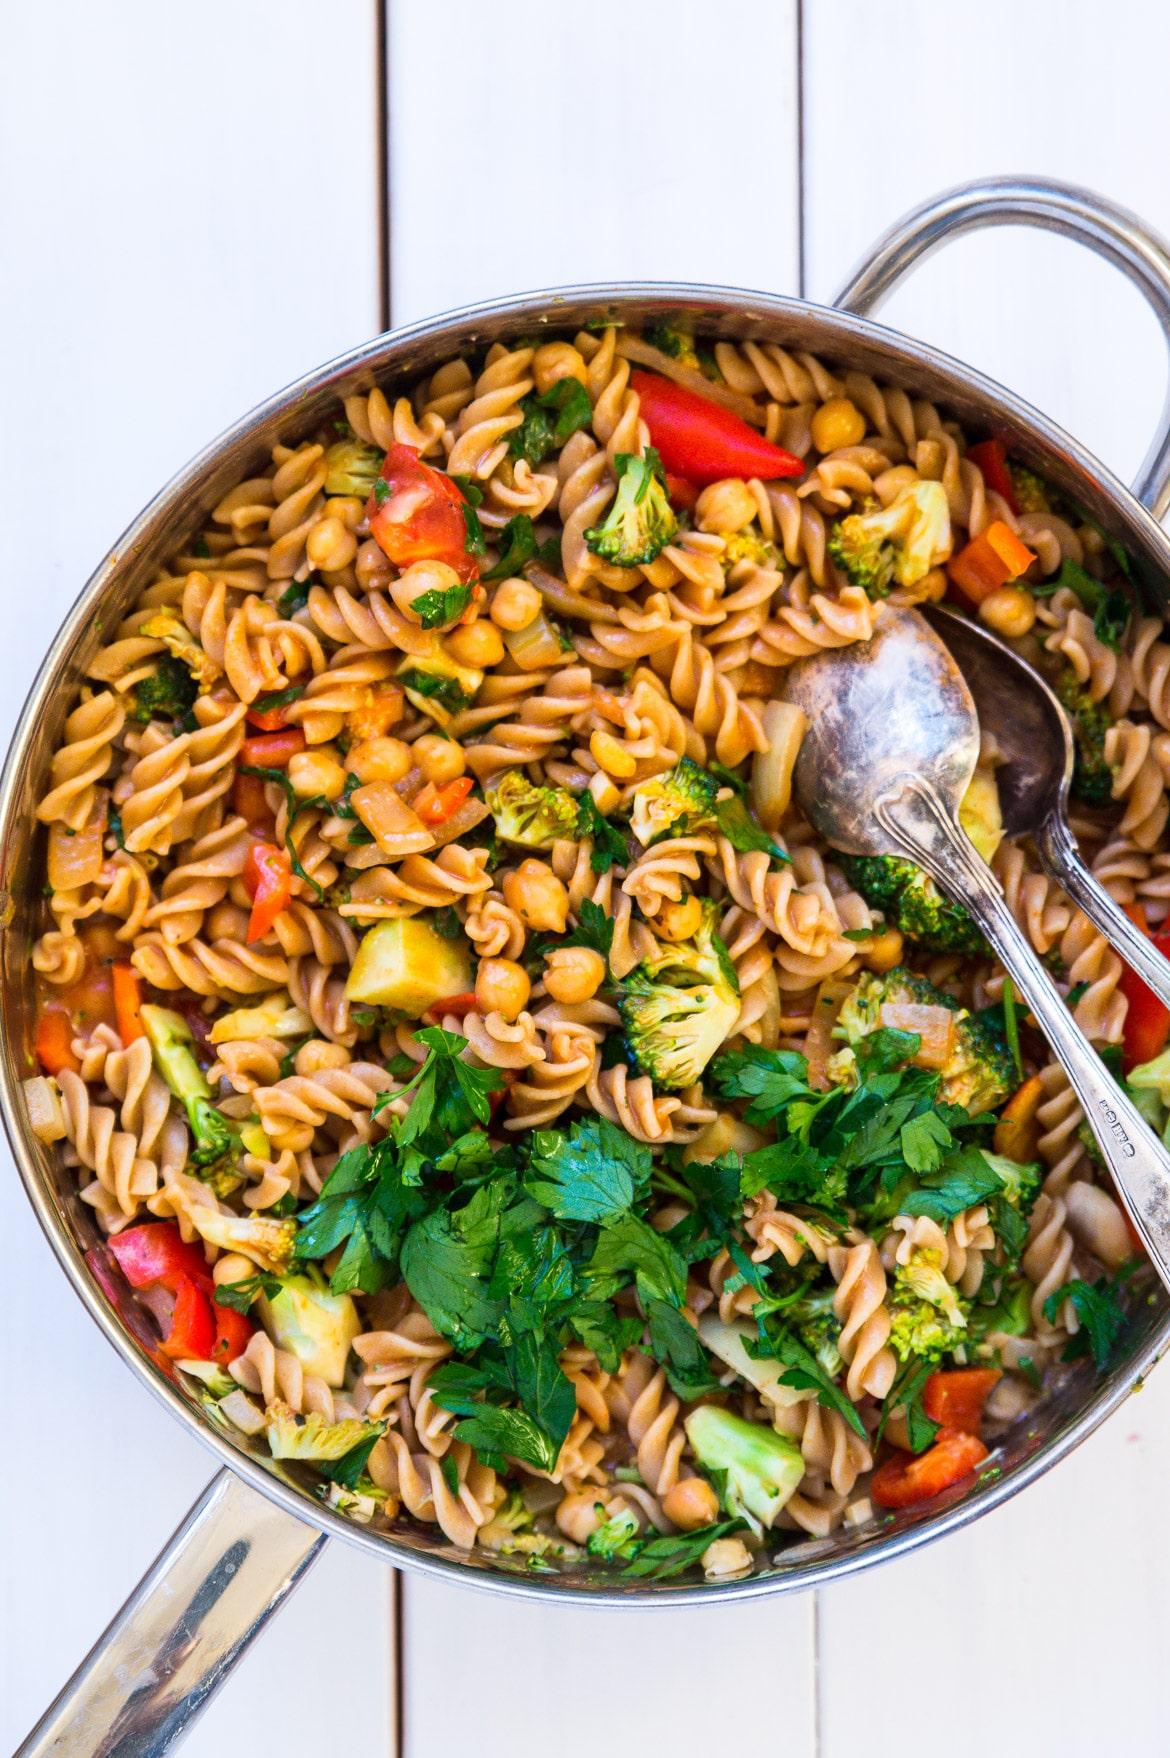 Nem hverdagsmad - pasta og grønt i kokosmælk